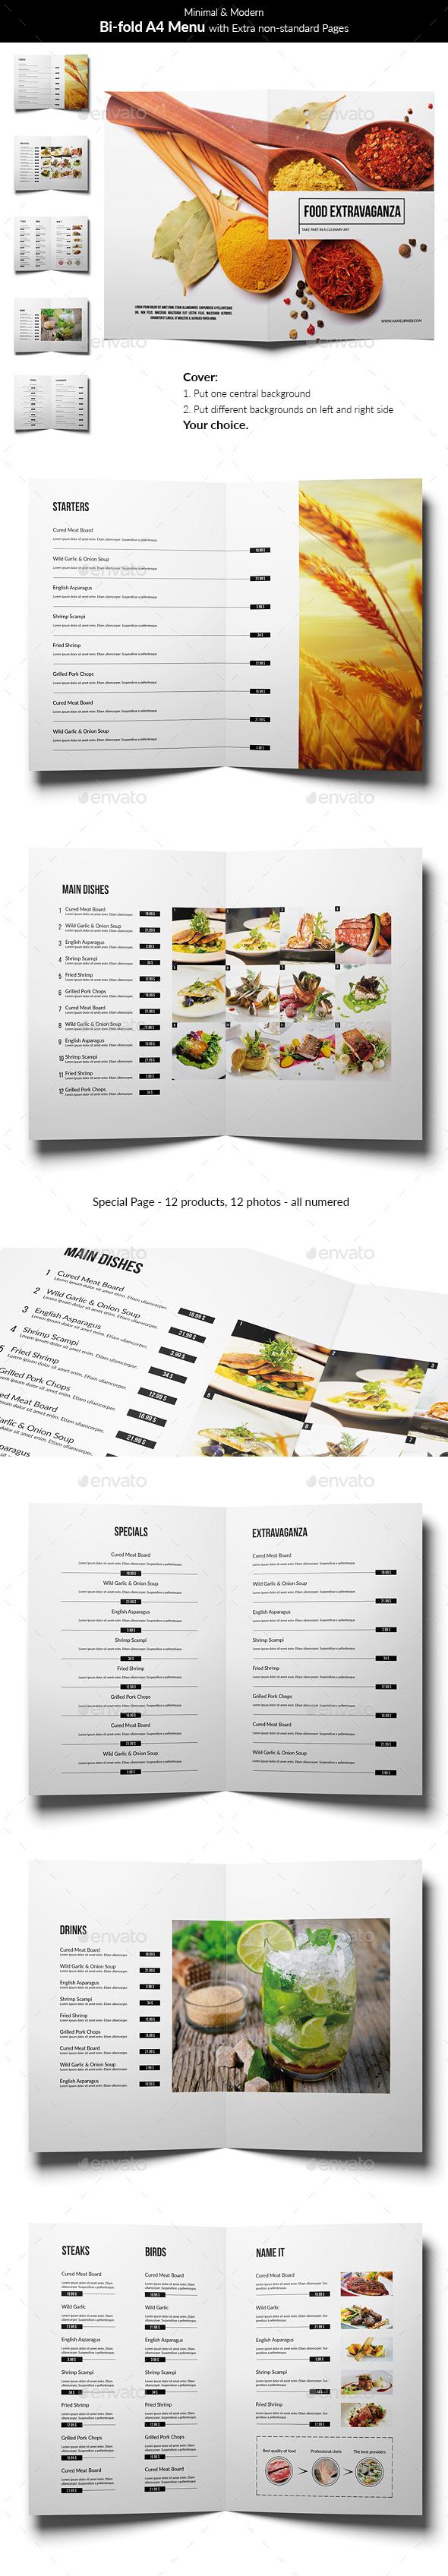 Fein Beispiele Für Catering Menüvorlagen Bilder - Beispiel Business ...